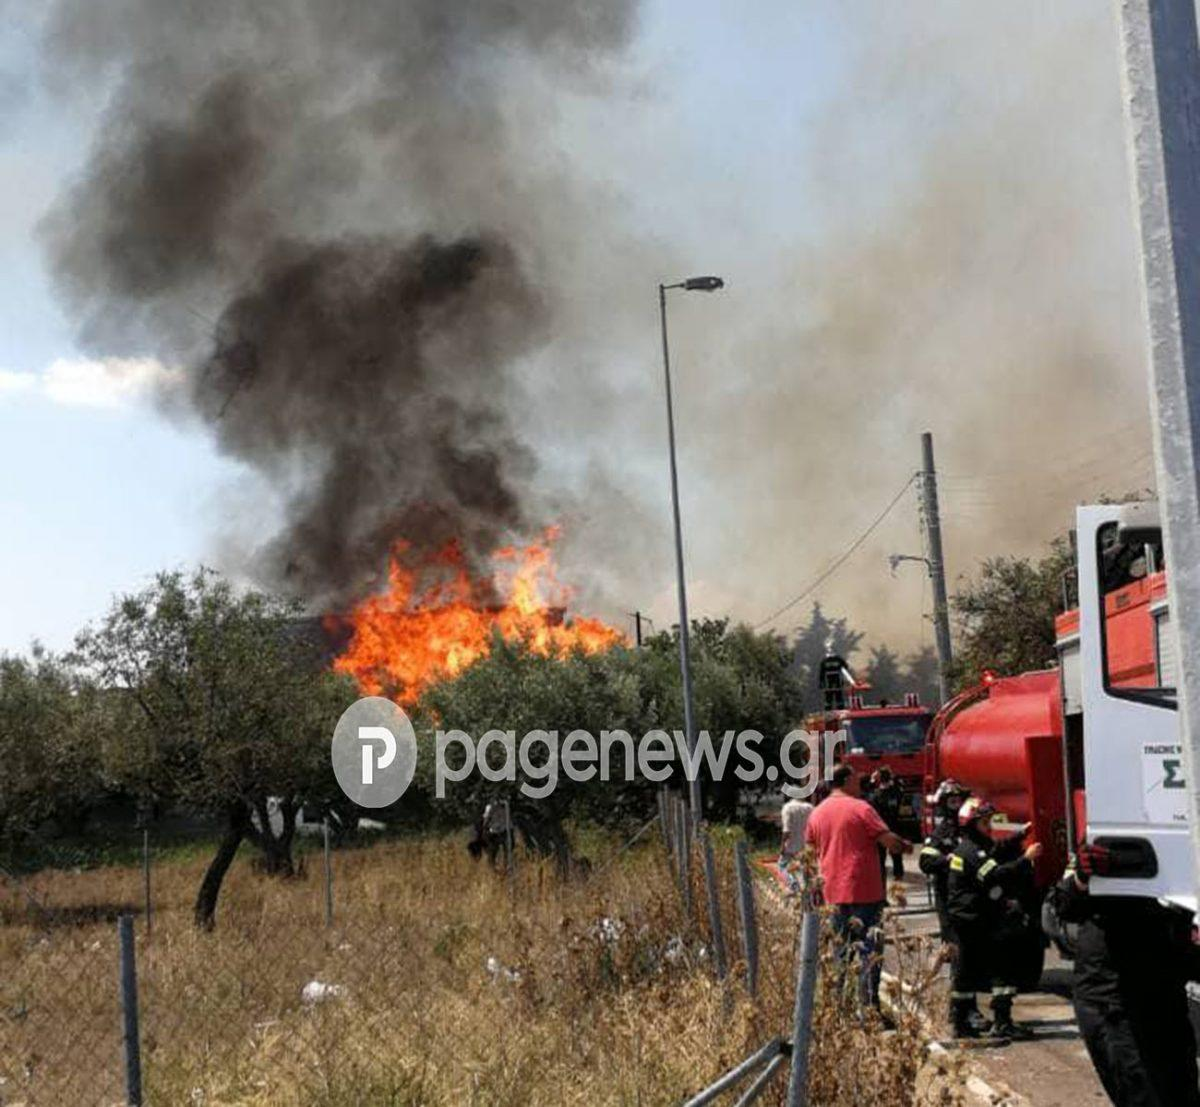 Φωτιά Μενίδι: Υπό μερικό έλεγχο η πυρκαγιά | Pagenews.gr